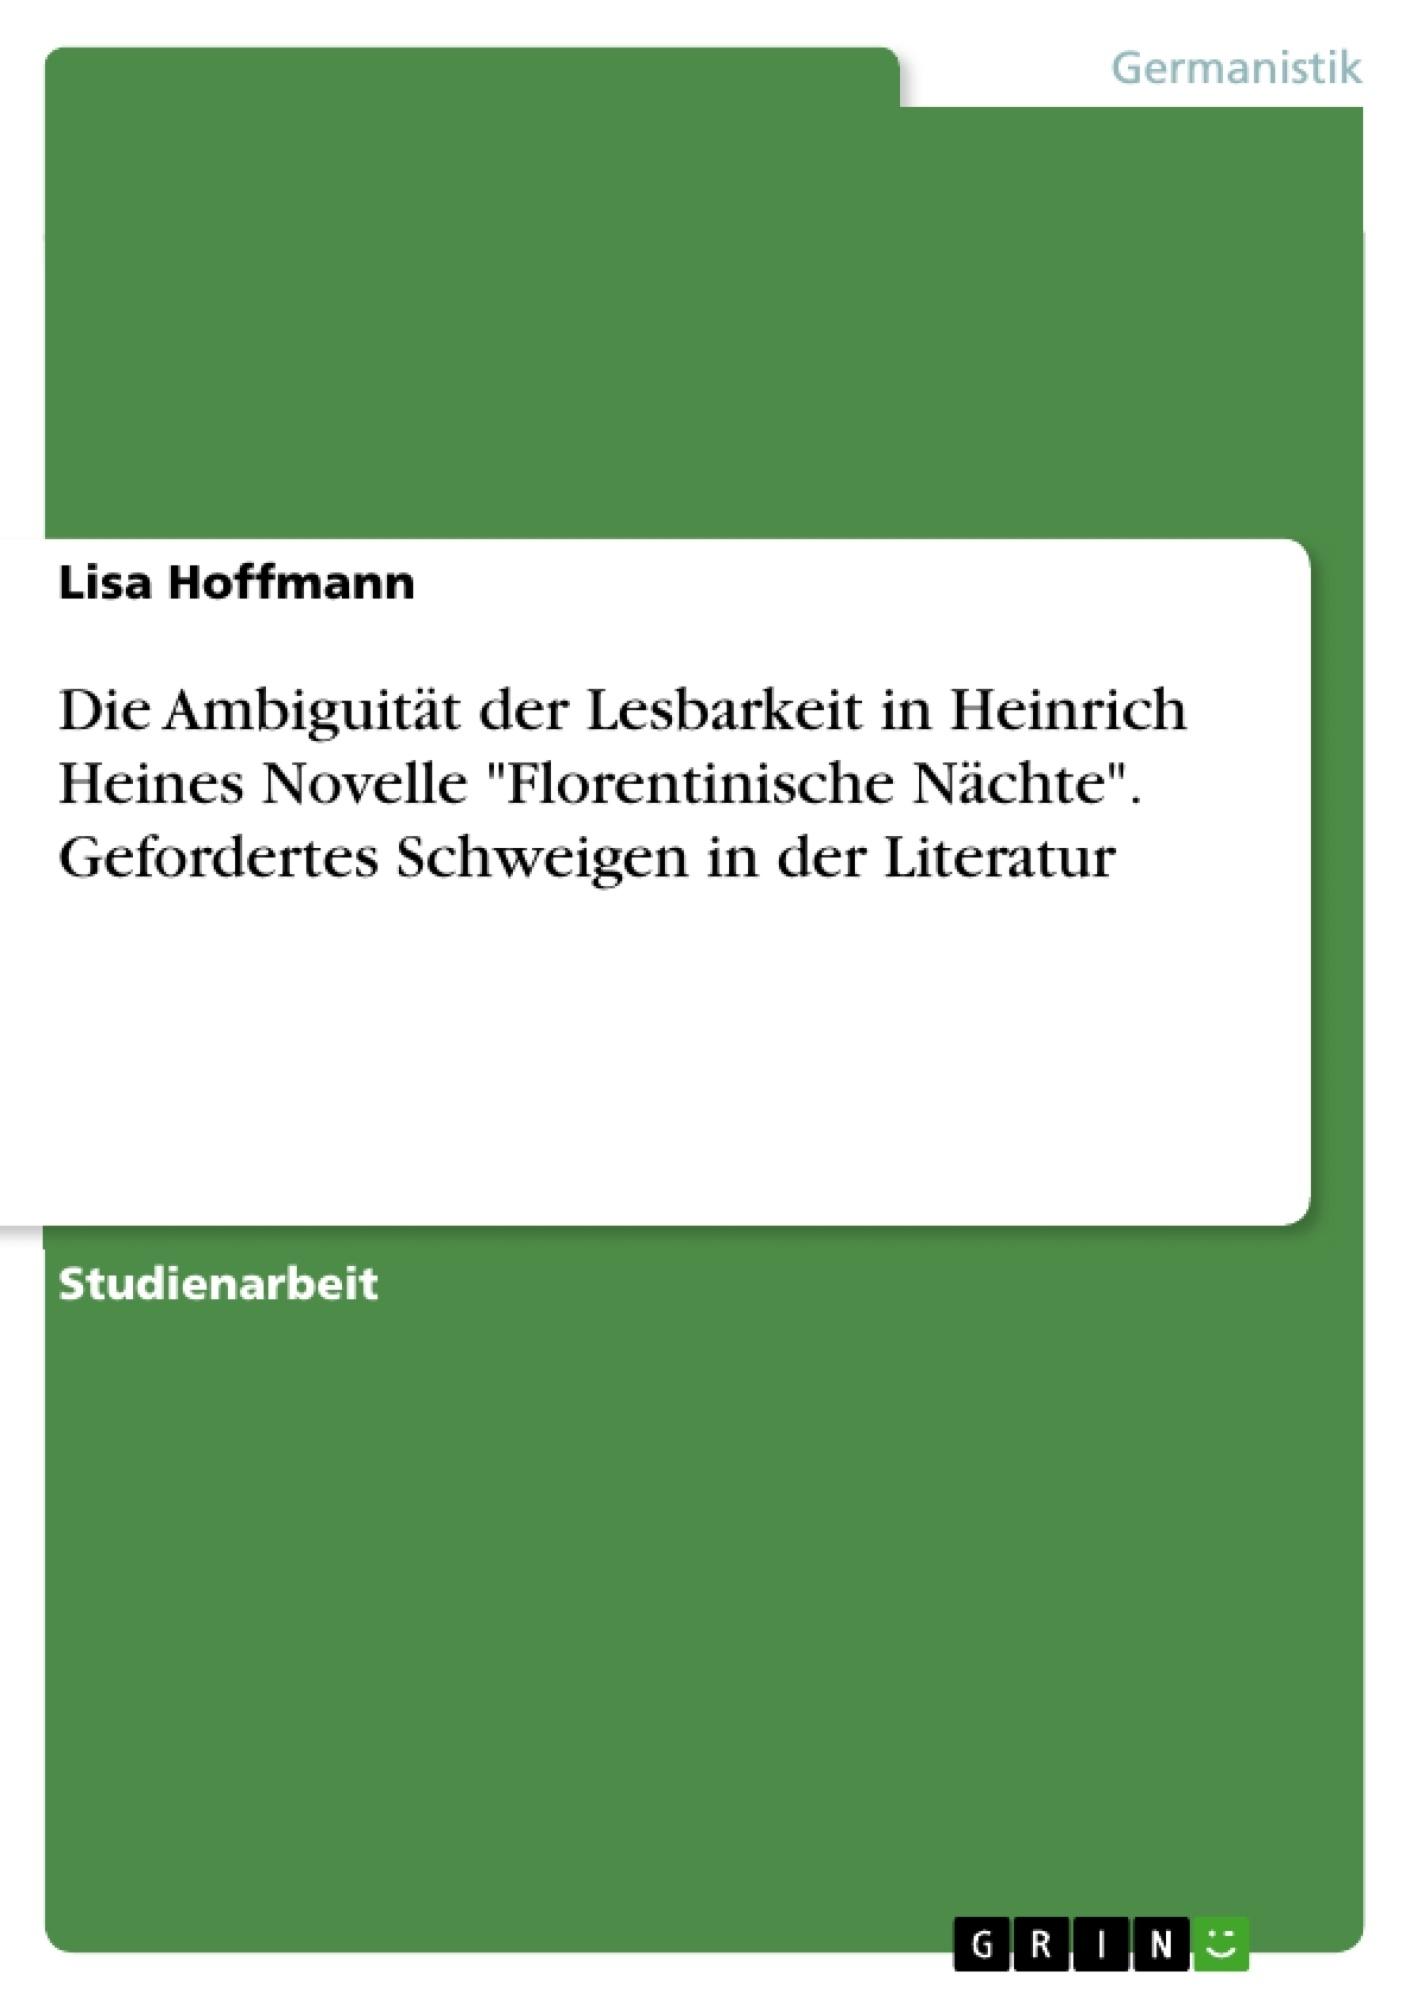 """Titel: Die Ambiguität der Lesbarkeit in Heinrich Heines Novelle """"Florentinische Nächte"""". Gefordertes Schweigen in der Literatur"""